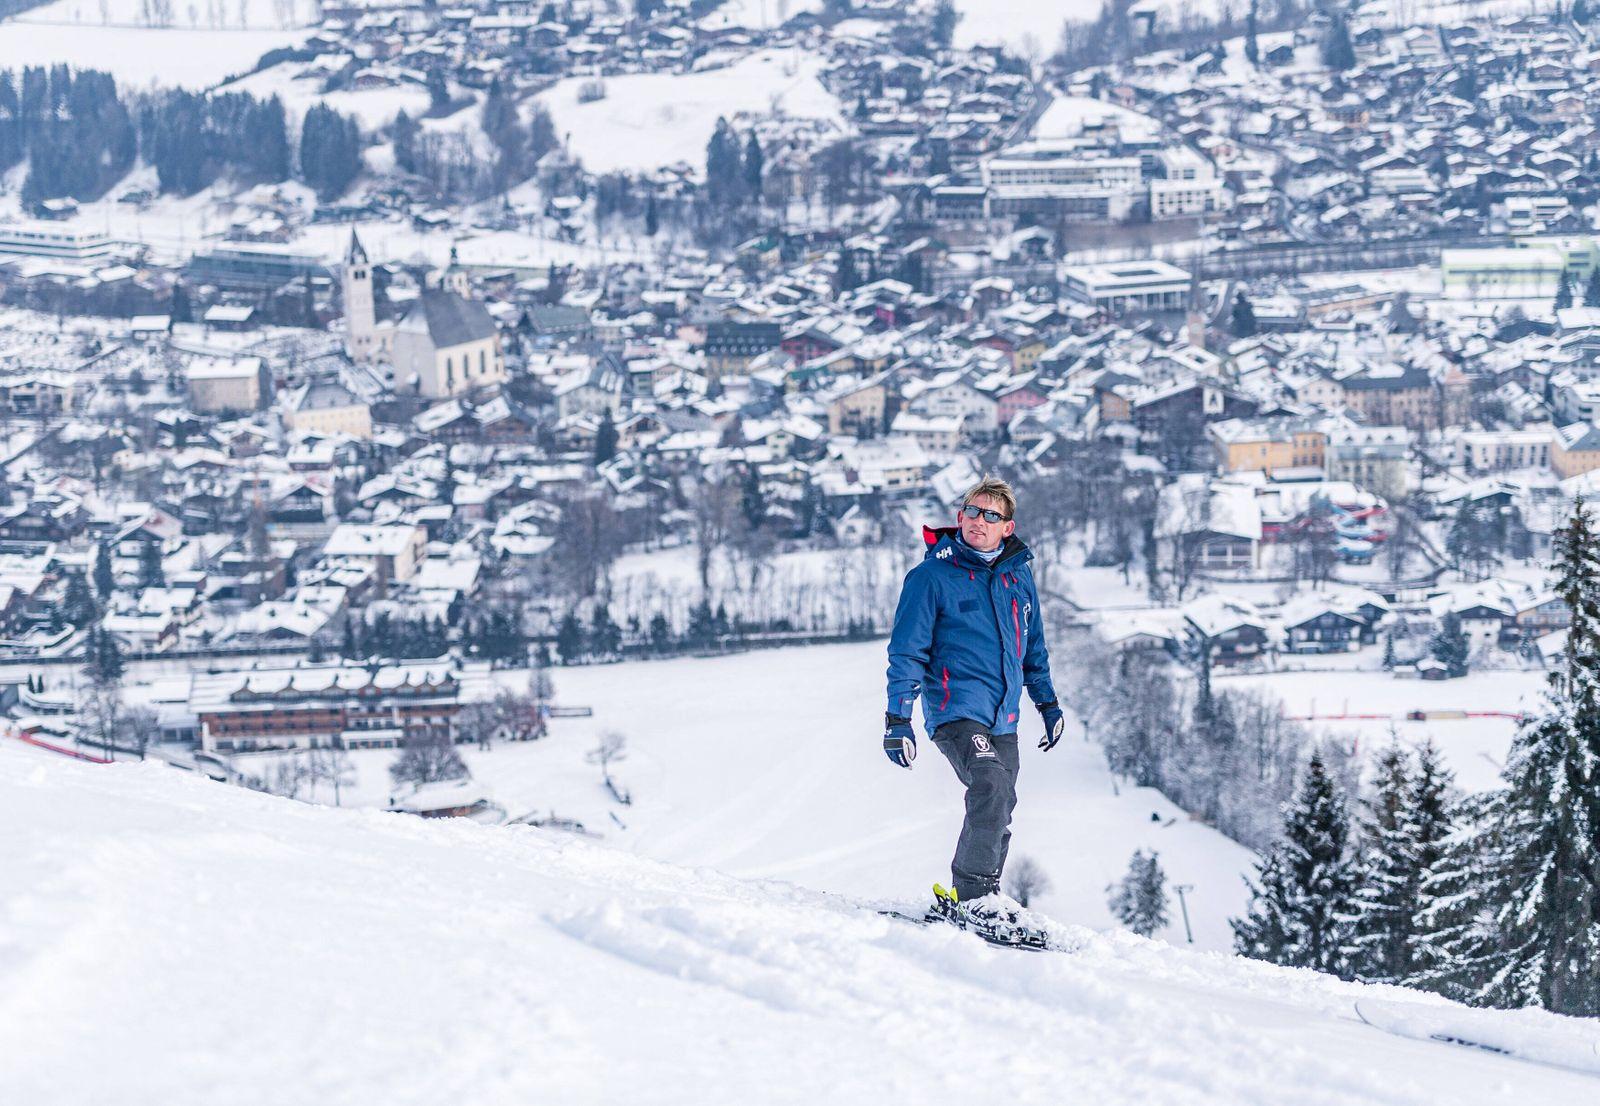 08.01.2021, Streif, Kitzbühel, AUT, FIS Weltcup Ski Alpin, Schneekontrolle durch die FIS, im Bild Herbert Hauser (Piste